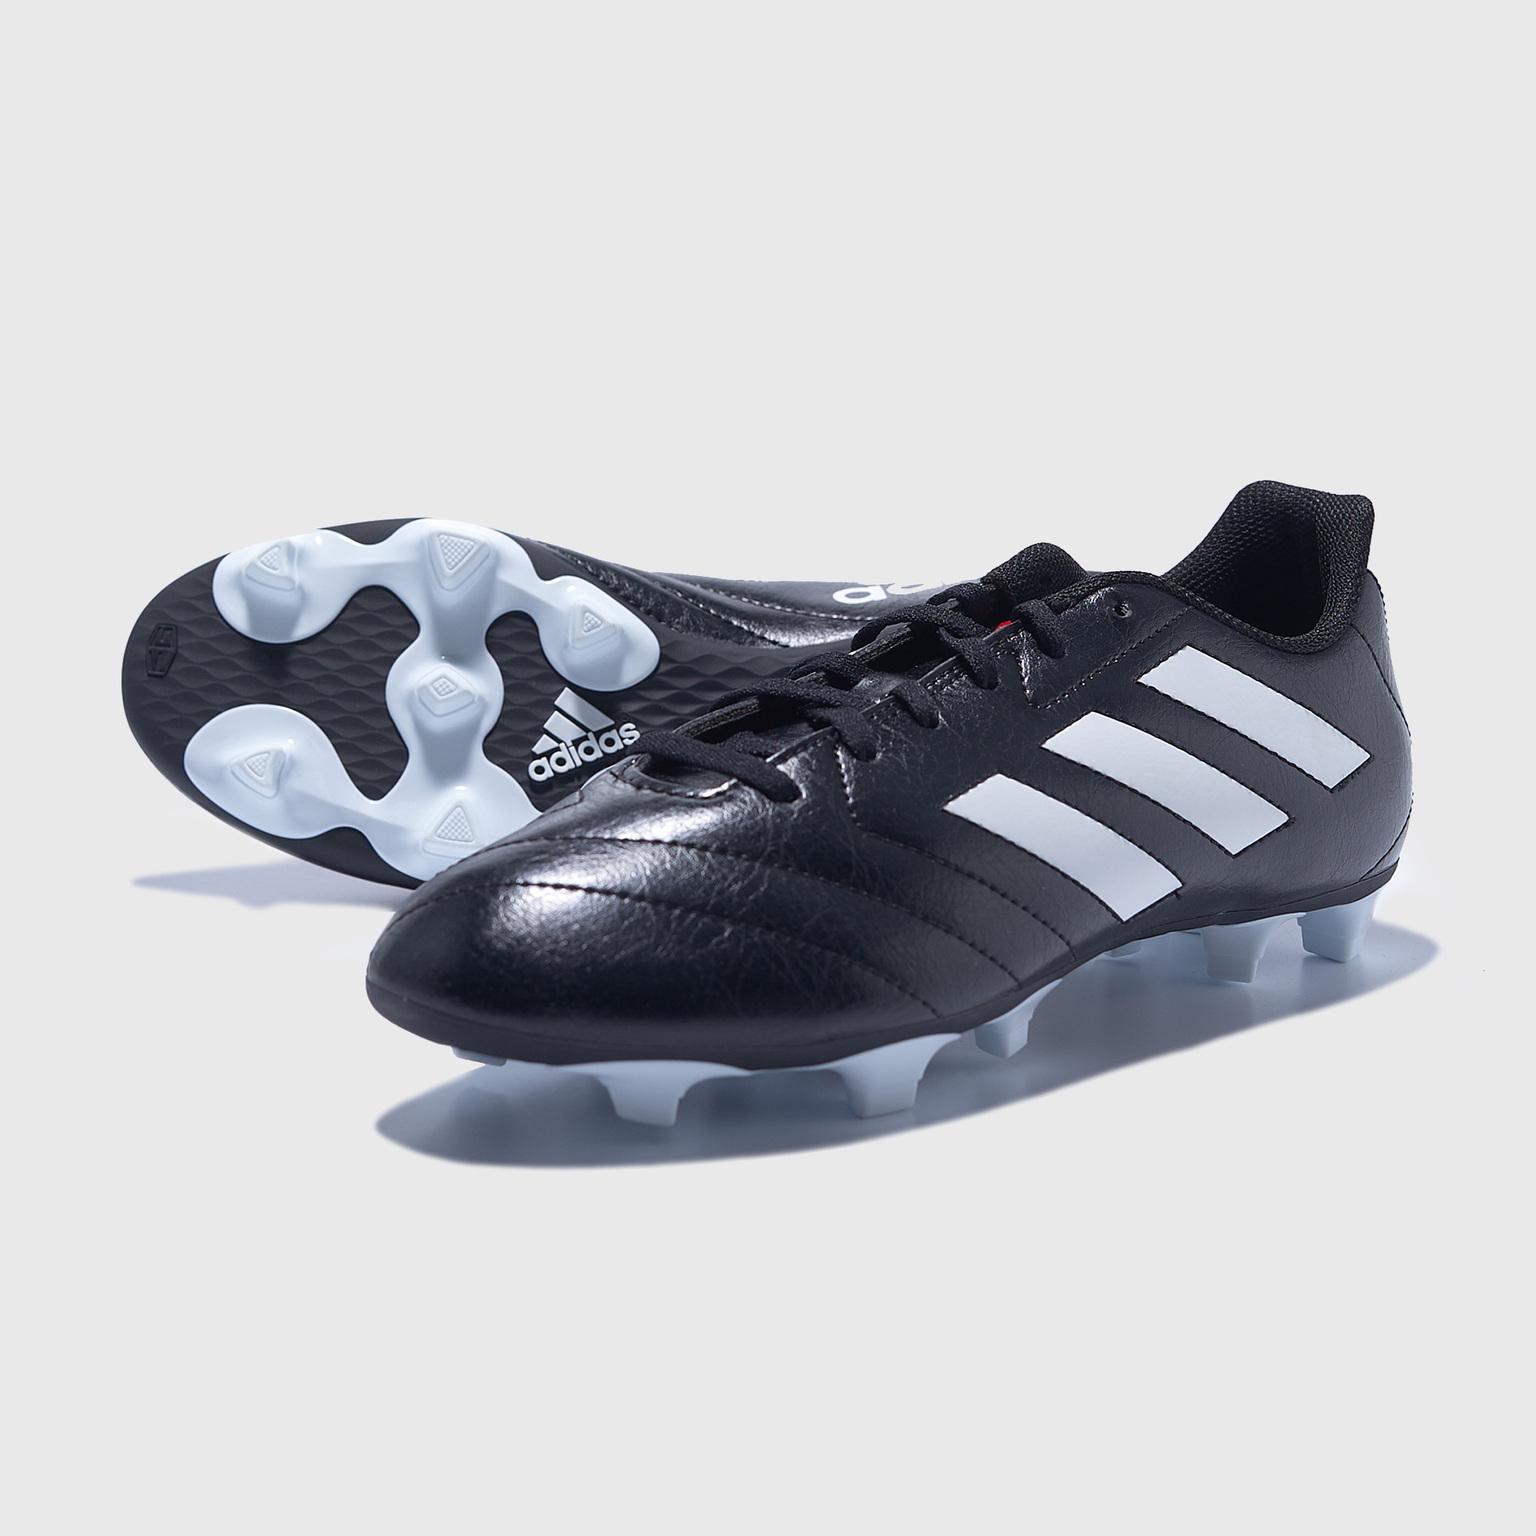 Бутсы Adidas Goletto VII FG EE4481